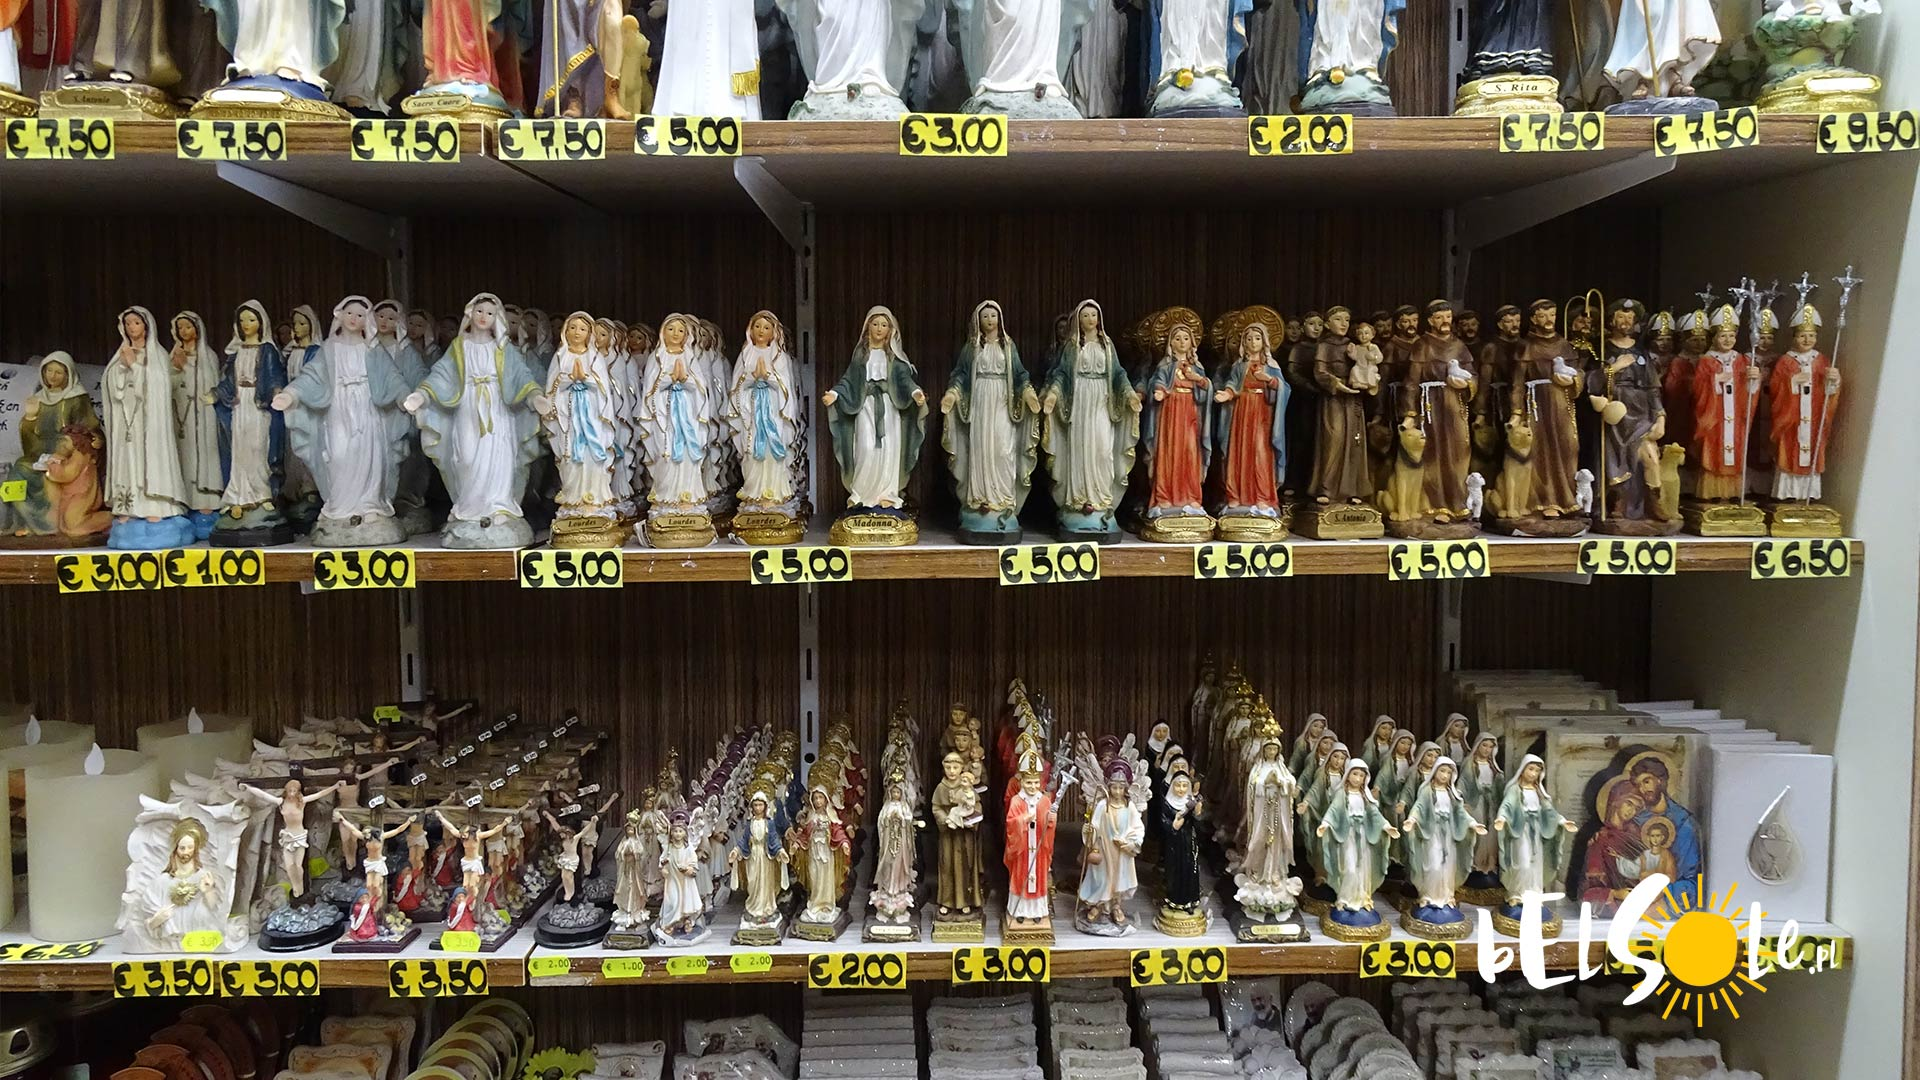 otwarte sklepy we Włoszech